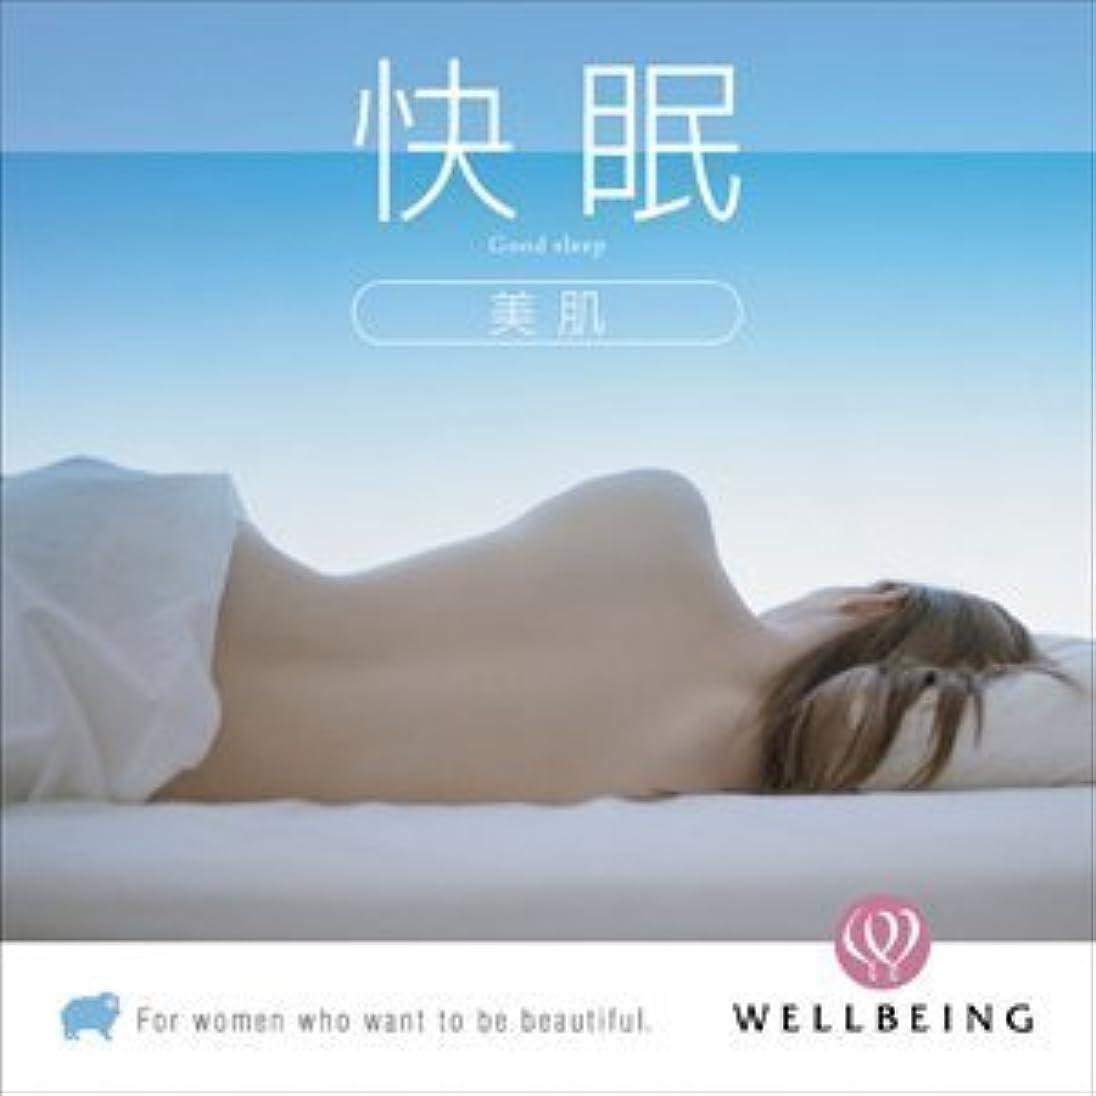 しないでください使い込む刺激する【メディカルブック】 リラクゼーションCD 快眠-美肌(SI-442C)